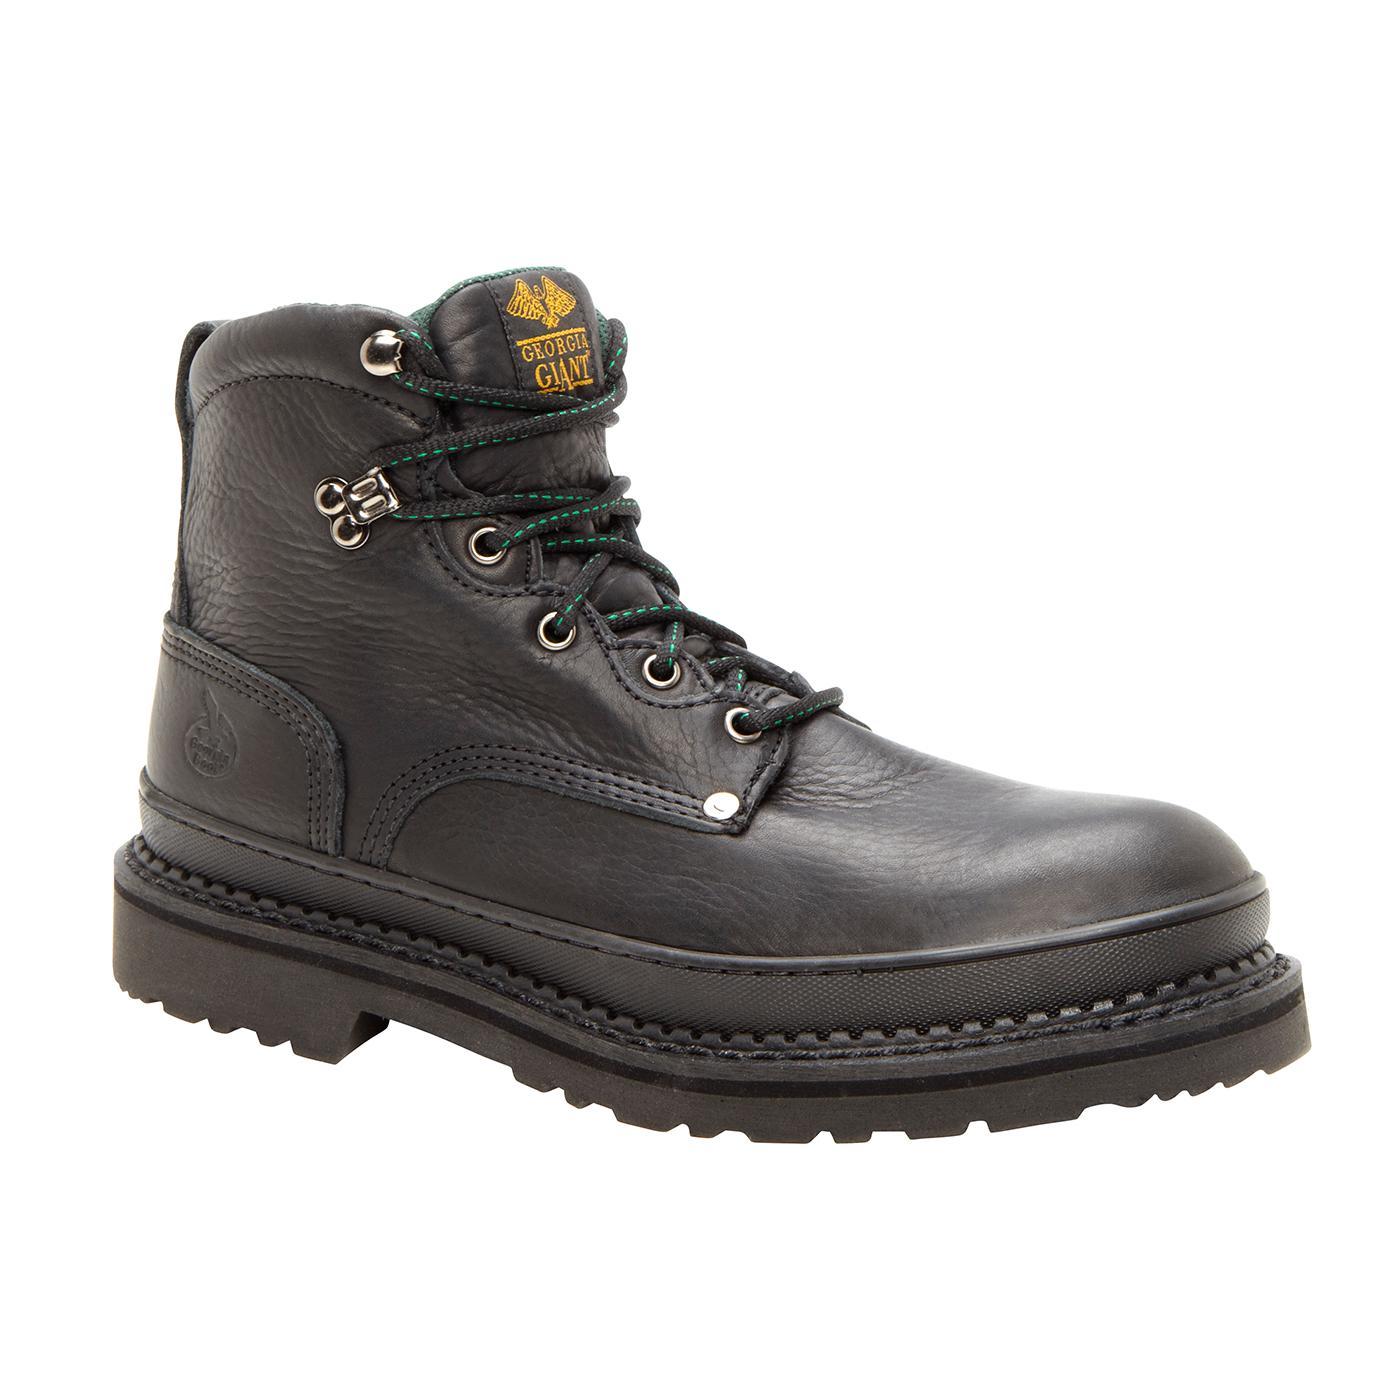 bad7846d0da Georgia Giant Soggy Steel Toe Work Boot